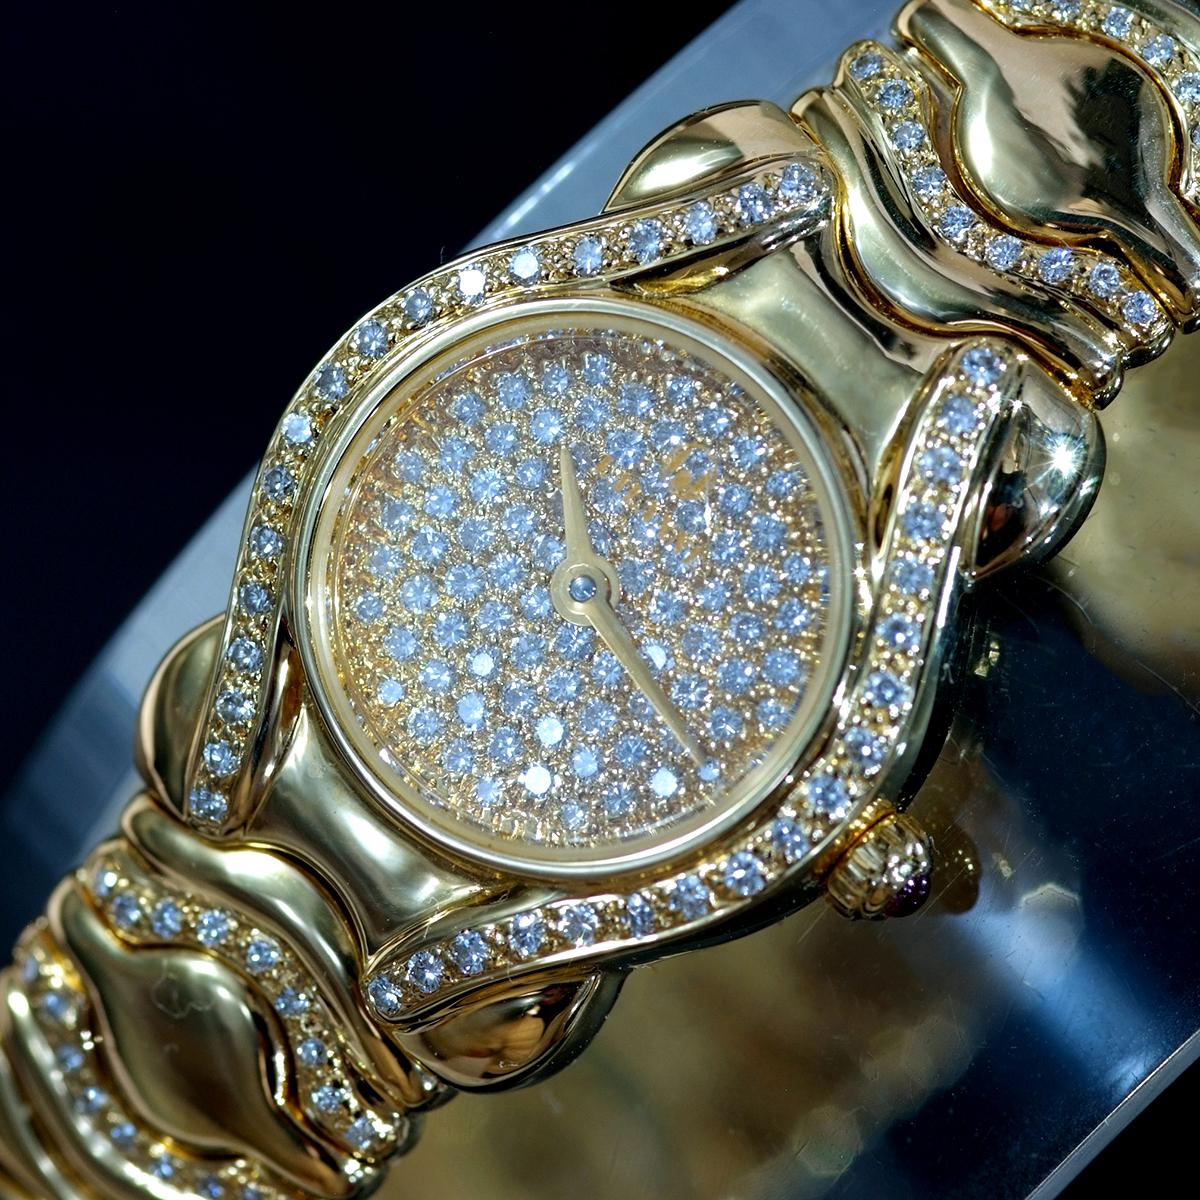 F0376【LALANNE】天然絶品ダイヤモンド ルビー 最高級18金無垢セレブリティレディQZ 腕周り18cm 重量68.0g ケース幅20.0mm_画像2